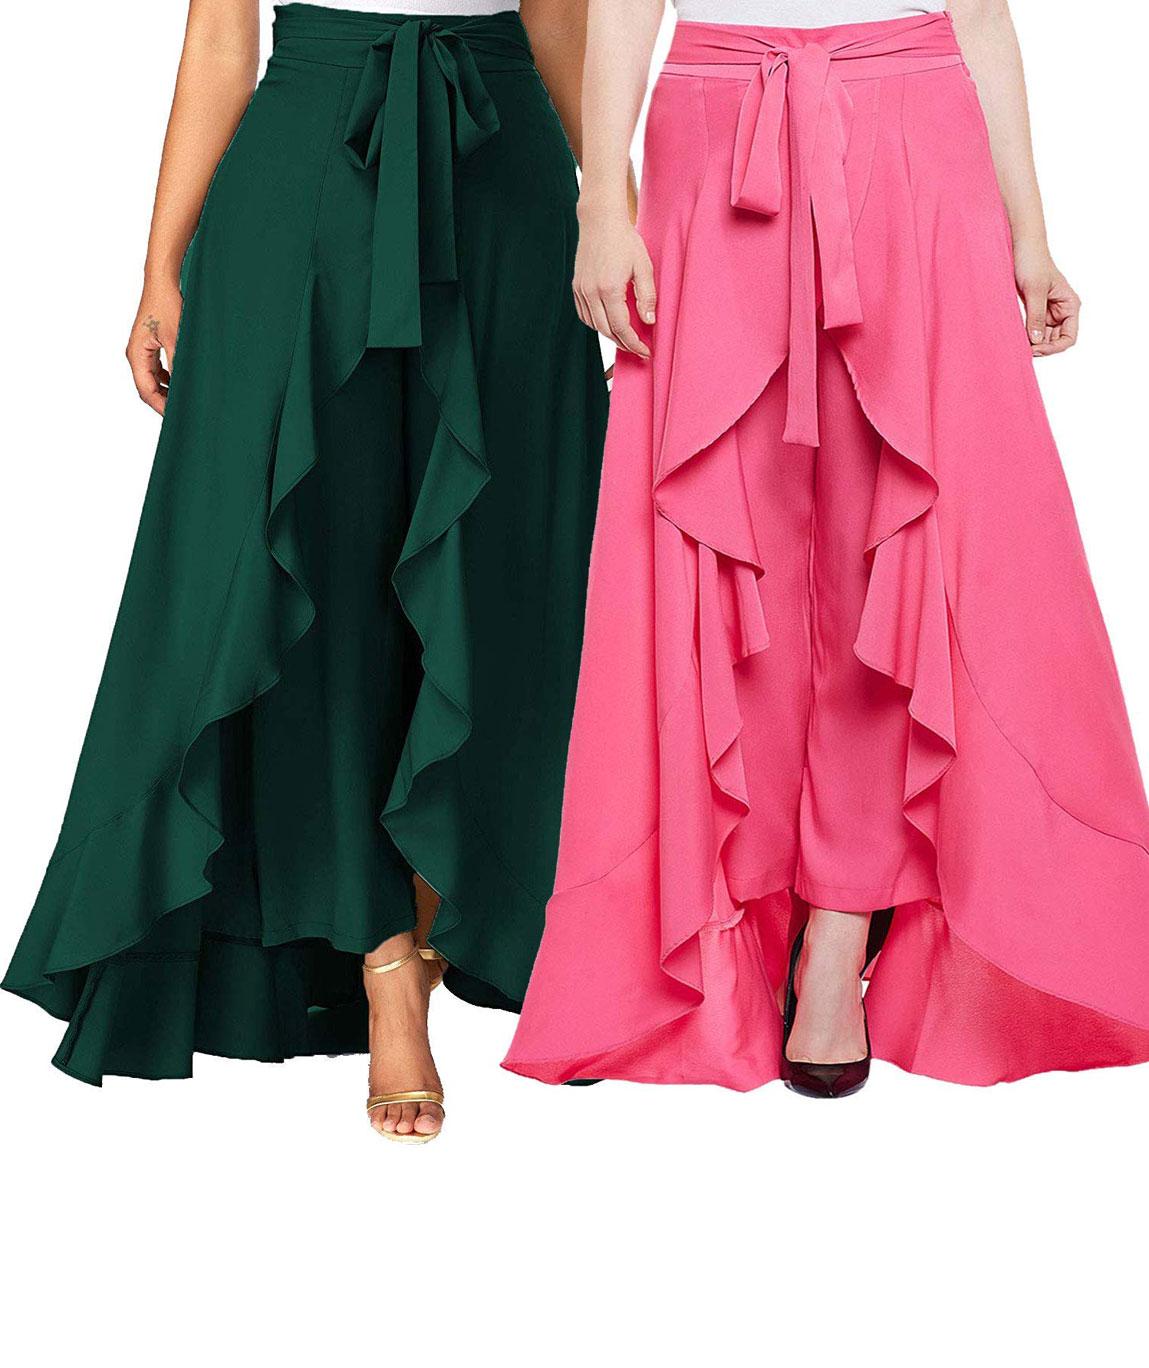 Women`s/Girls Crepe Solid Tie-Waist Layered/Ruffle Skirt Palazzo(dark green&pink)